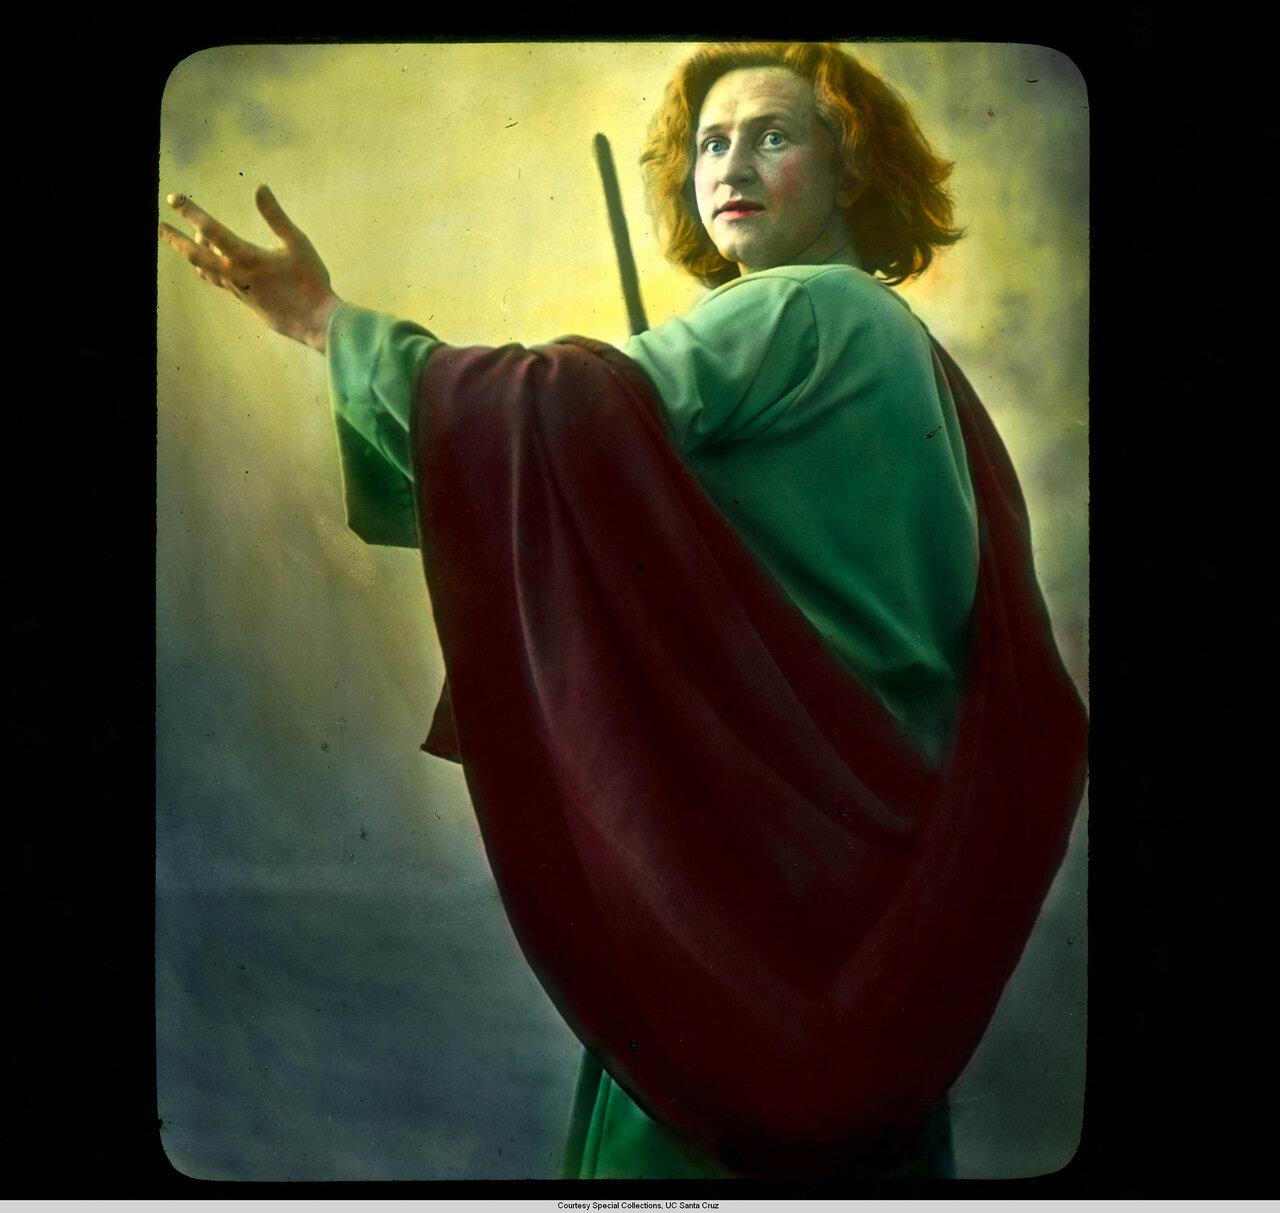 Обераммергау. Страсти Христовы. Ханс Лэнг в роли апостола Иоанна